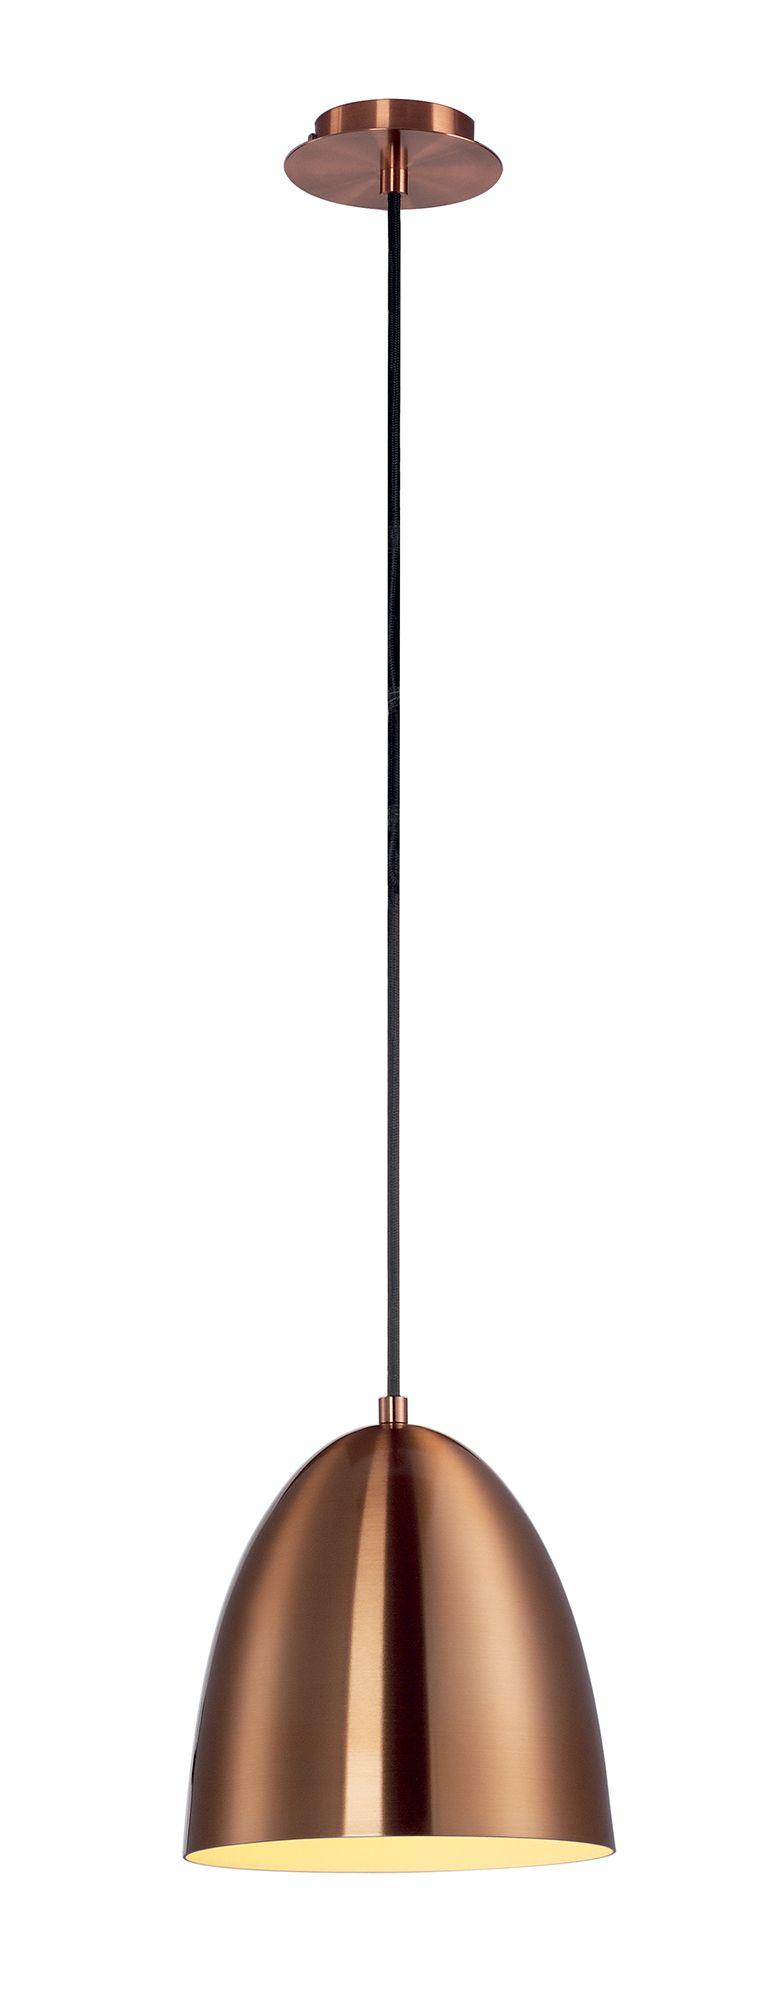 Suspension para cone 20 cuivre brosse signe slv for Suspension luminaire ronde